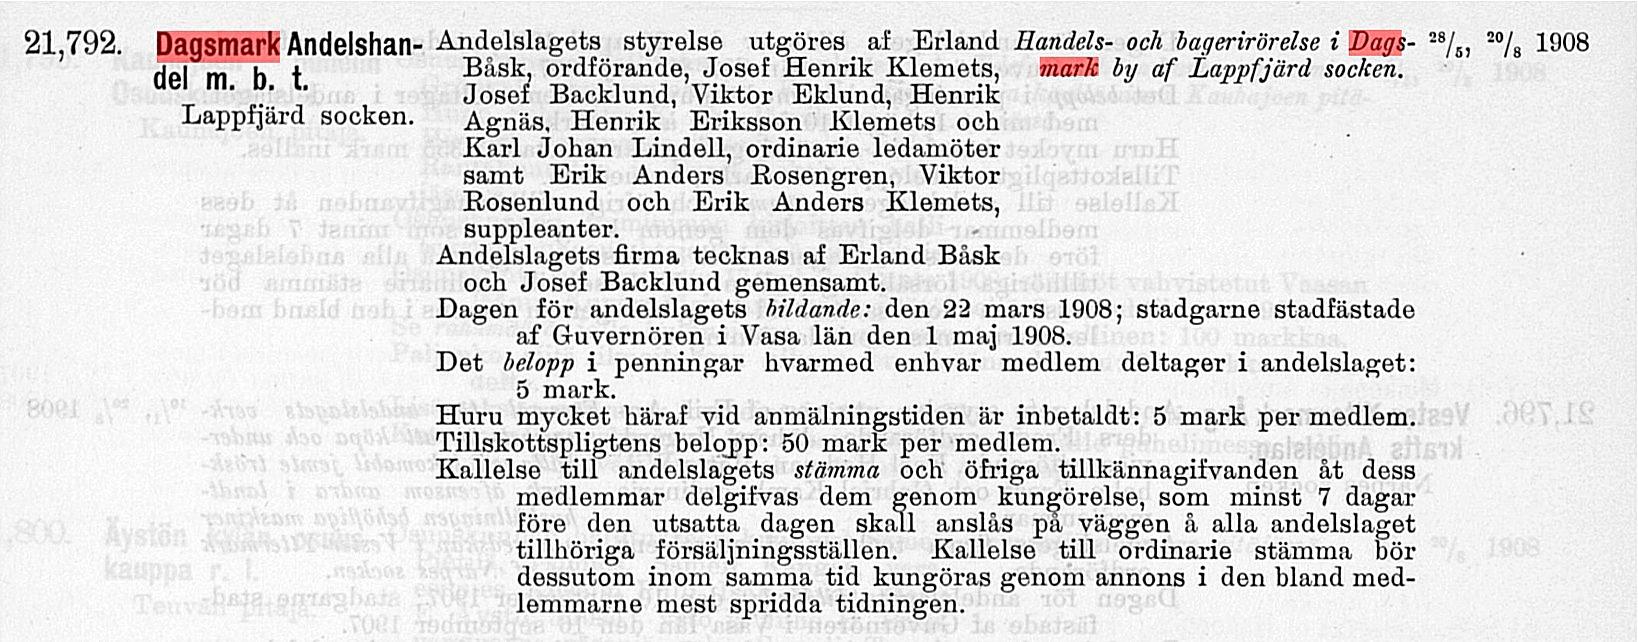 """År 1908 infördes firmanamnet Dagsmark Andelshandel m.b.t. i Handelsregistret. Tillägget m.b.t. betyder """"med begränsad tillskottsplikt"""", inte """"med börsen tom"""" som någon humorist ändrade det till."""